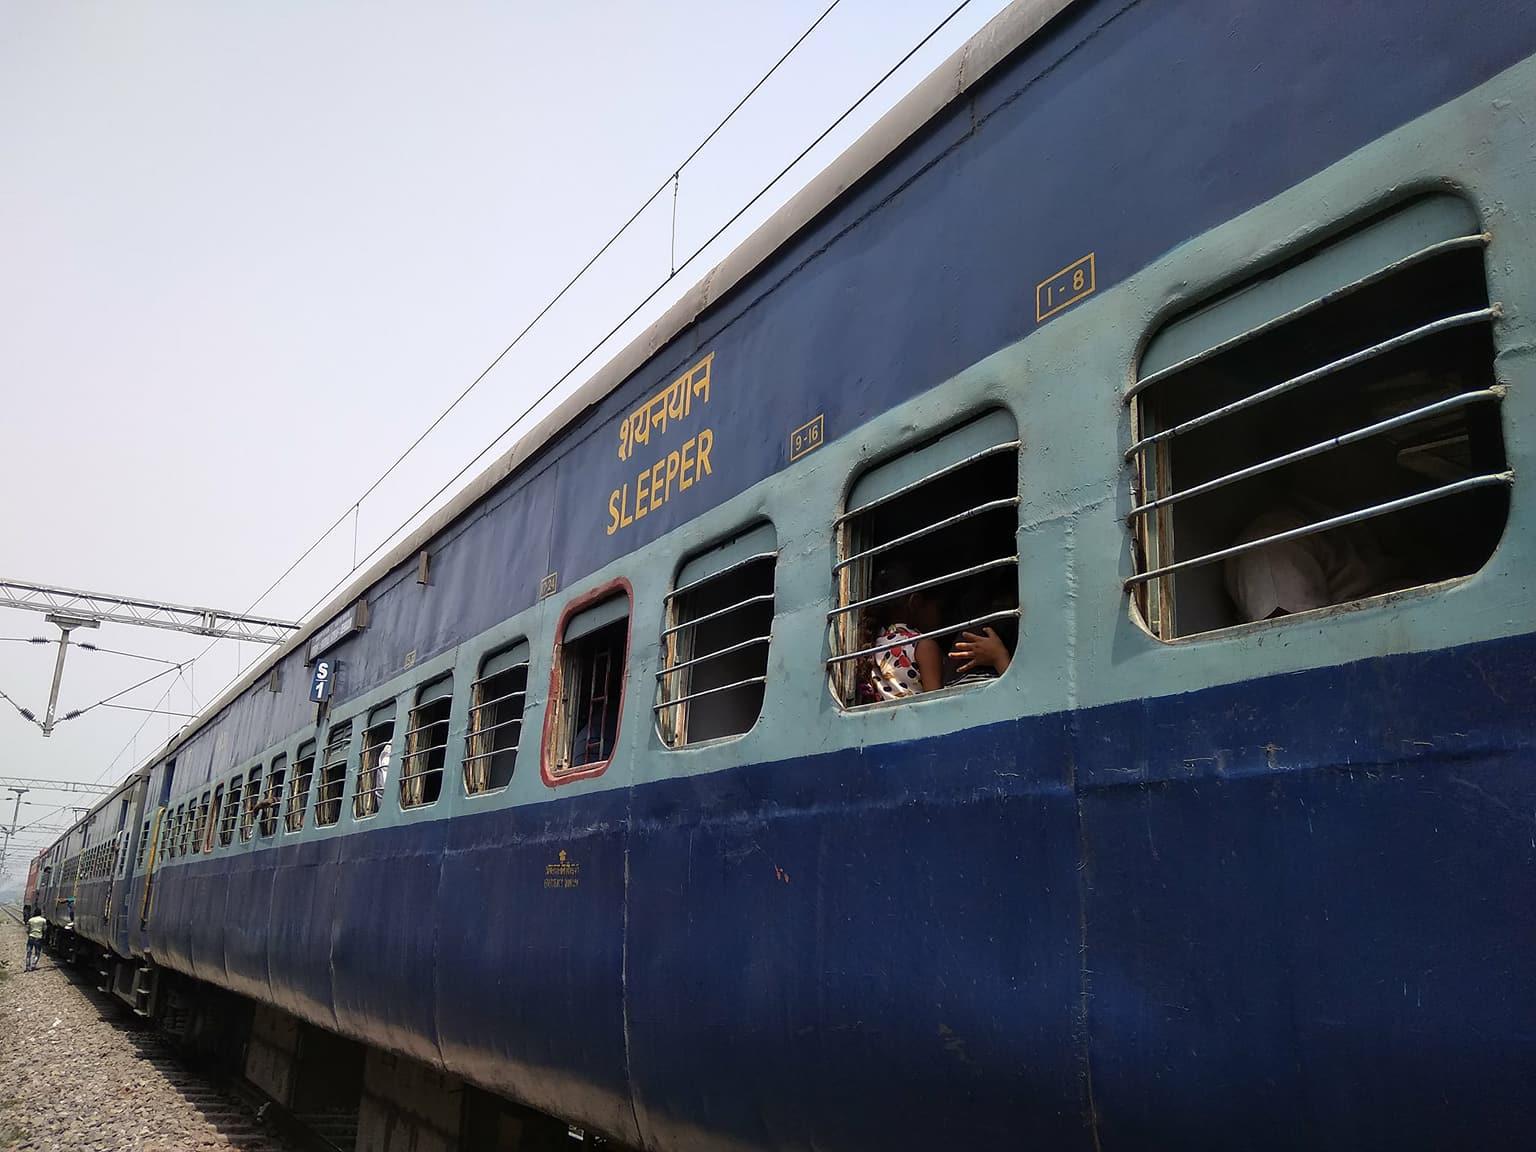 ওয়েটিং লিস্ট ই-টিকিট যাত্রীদের জন্য বিশেষ সুবিধা আনছে ভারতীয় রেল